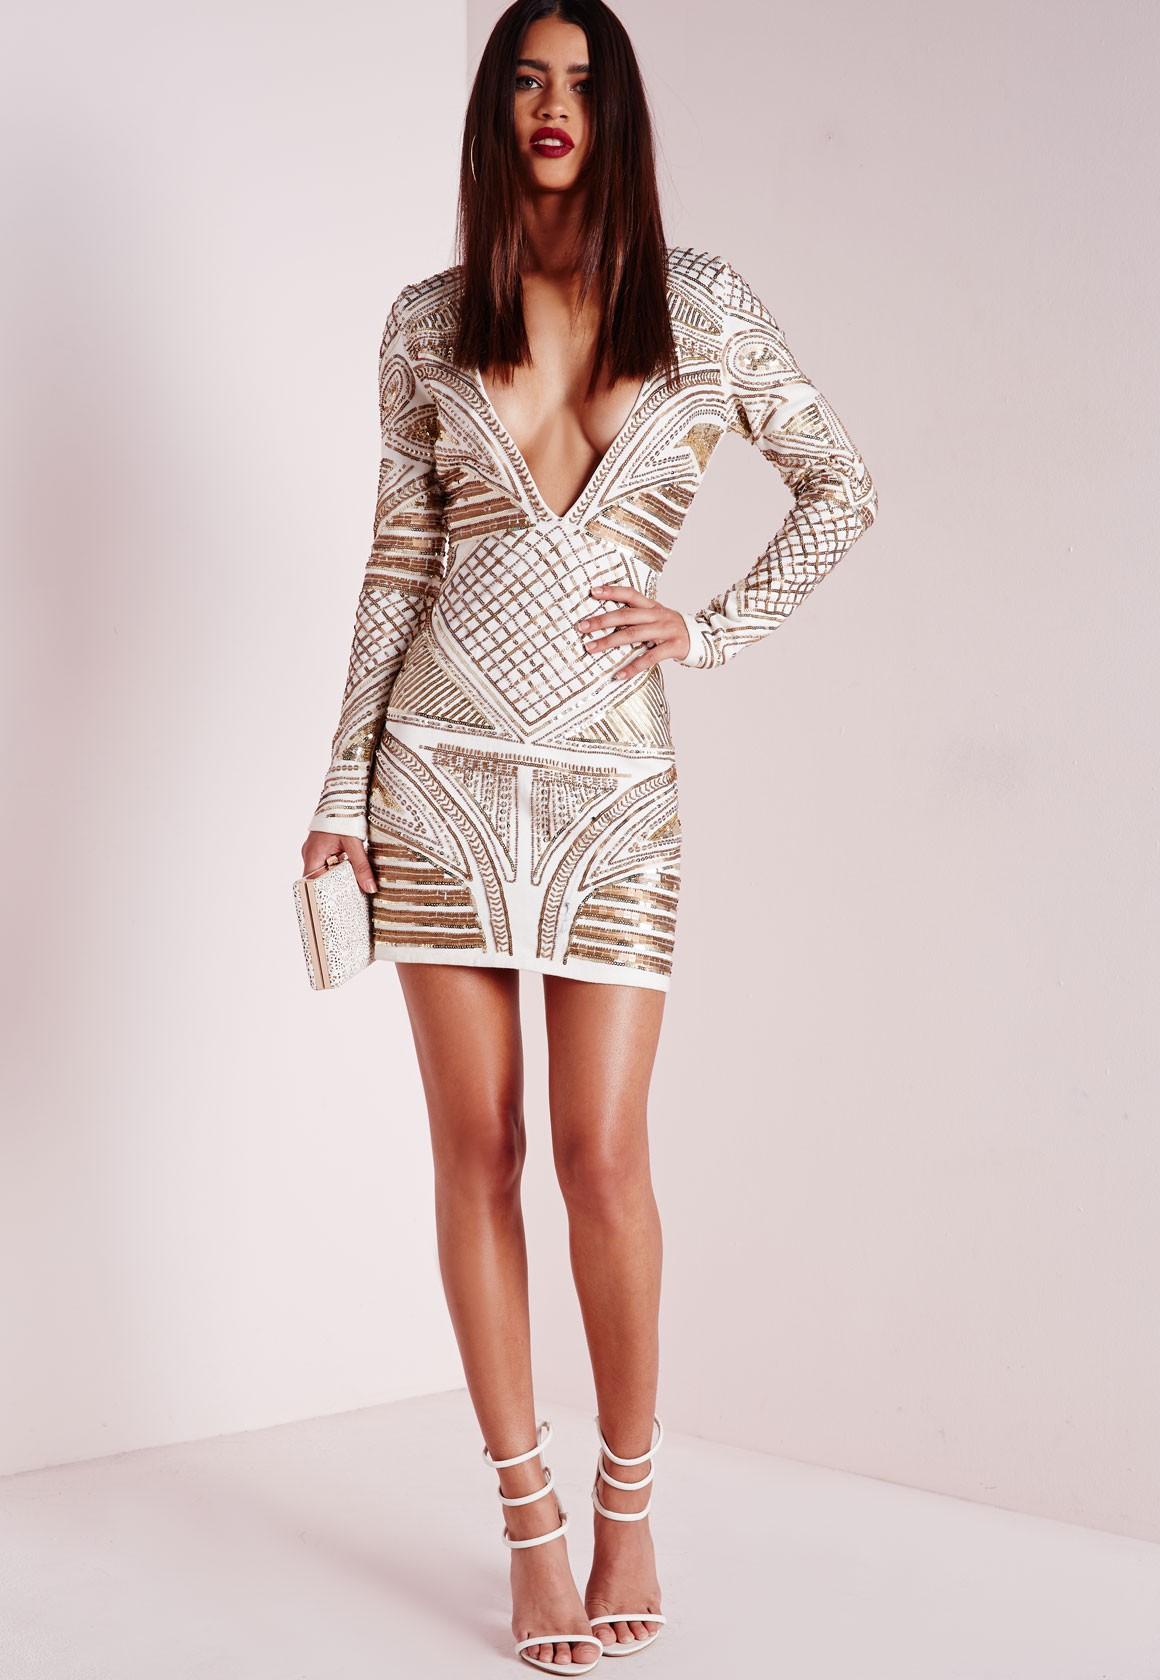 cb02c43f92e8 Premium Structured Lace Choker Bodycon Dress White